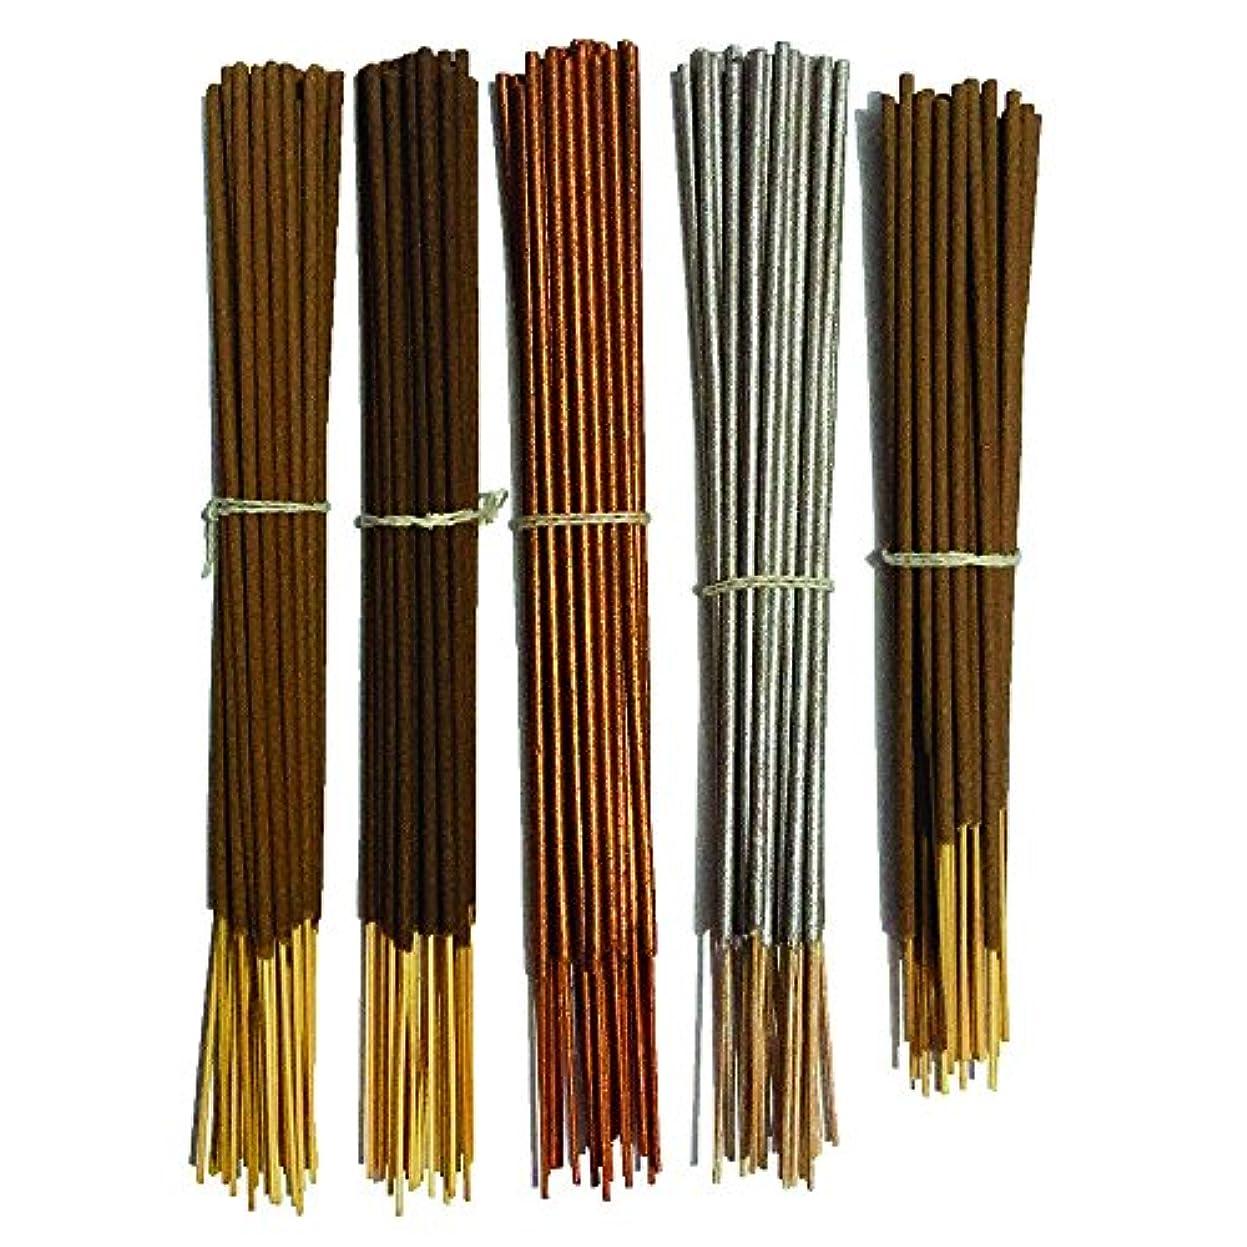 災難接続されたマンモスInaki Incense Sticksプレミアム5 Fragrance Infused with Essential Oilsパック40 gm各 – Natural長持ちホーム&インドアFragrance (200グラムパック)